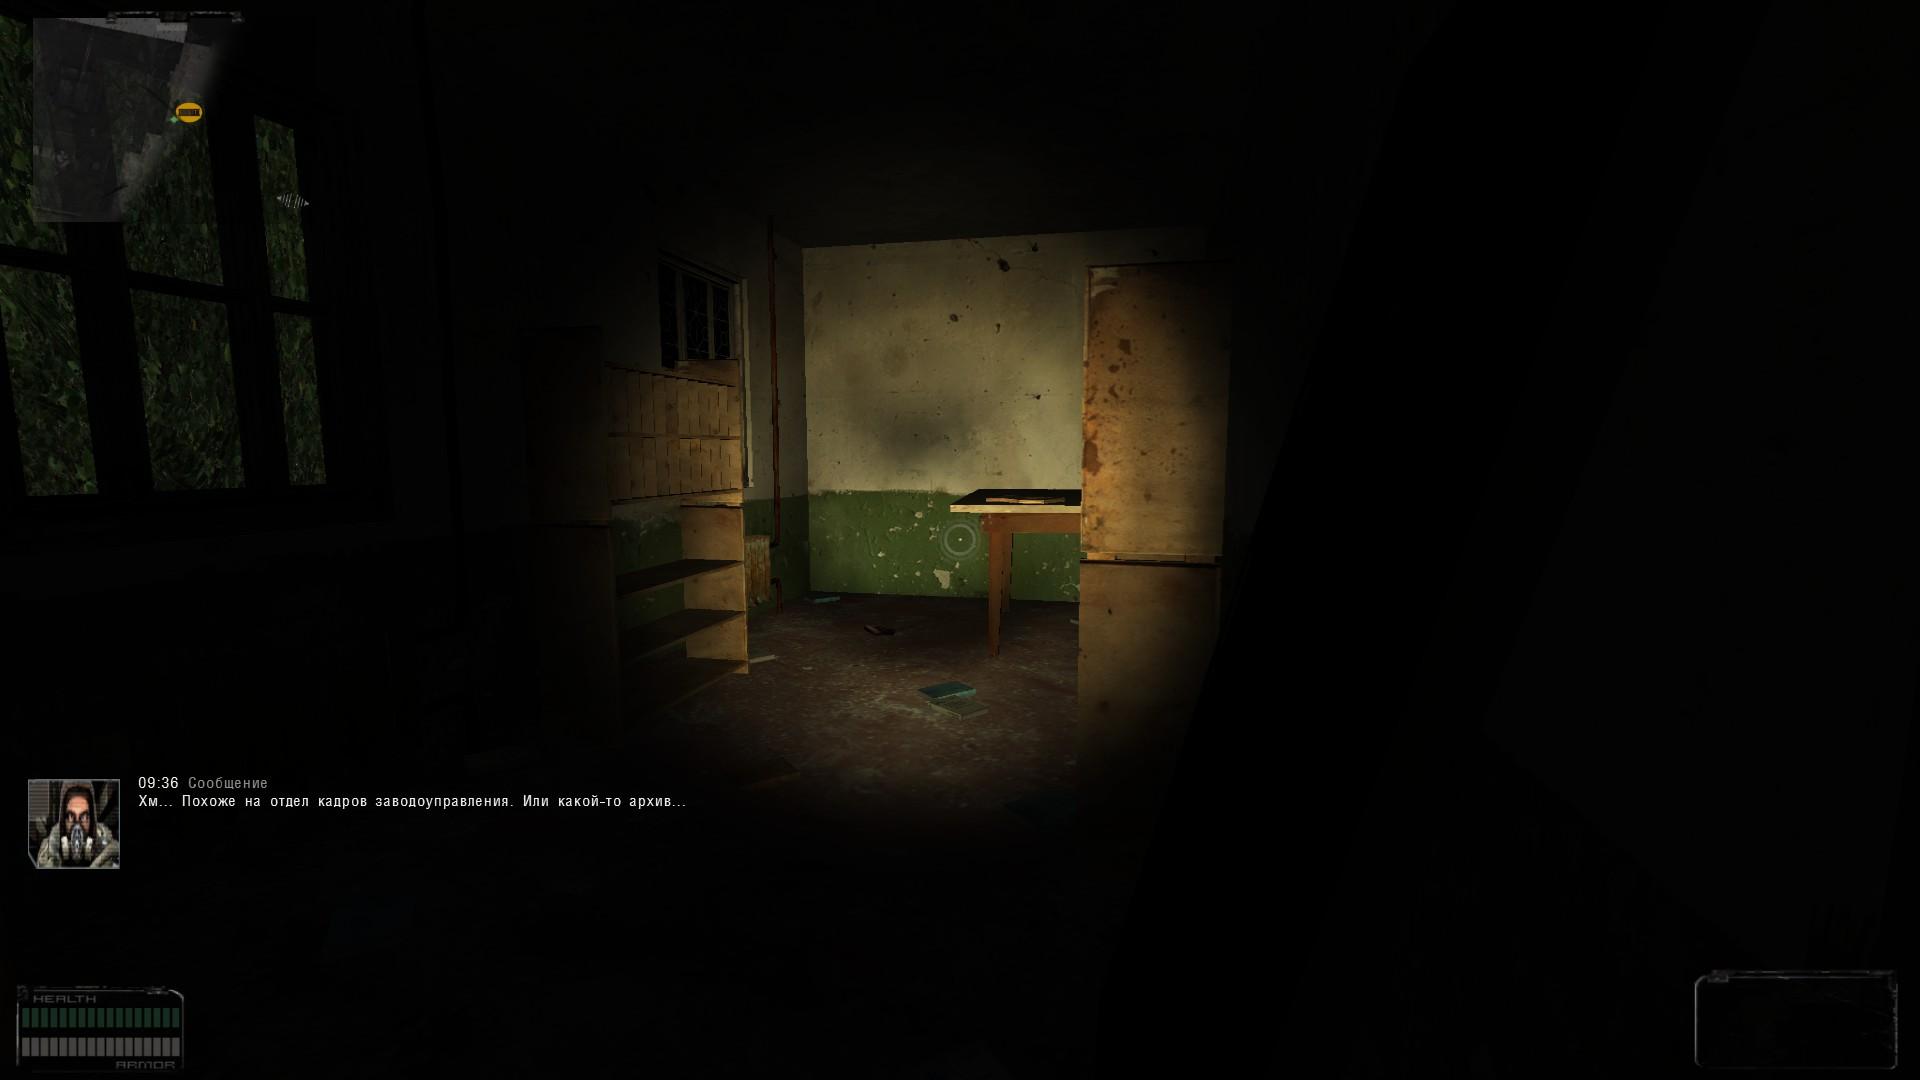 Oblivion Lost Remake 2.5 image 197